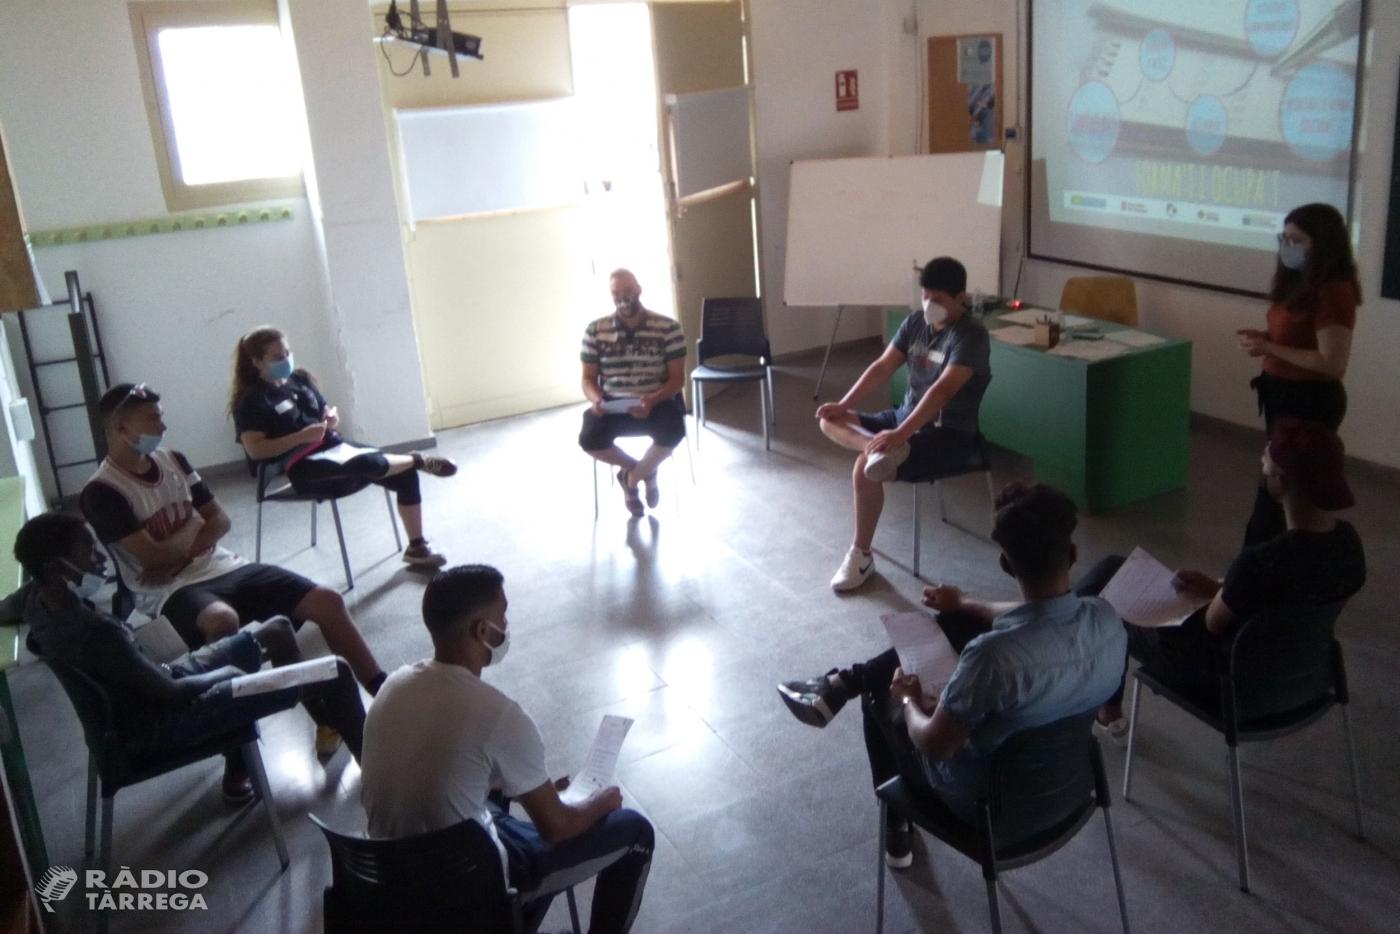 El Centre de Formació la Solana de Tàrrega engega un nou projecte de formació, orientació i contractació laboral adreçat a joves de 16 a 29 anys